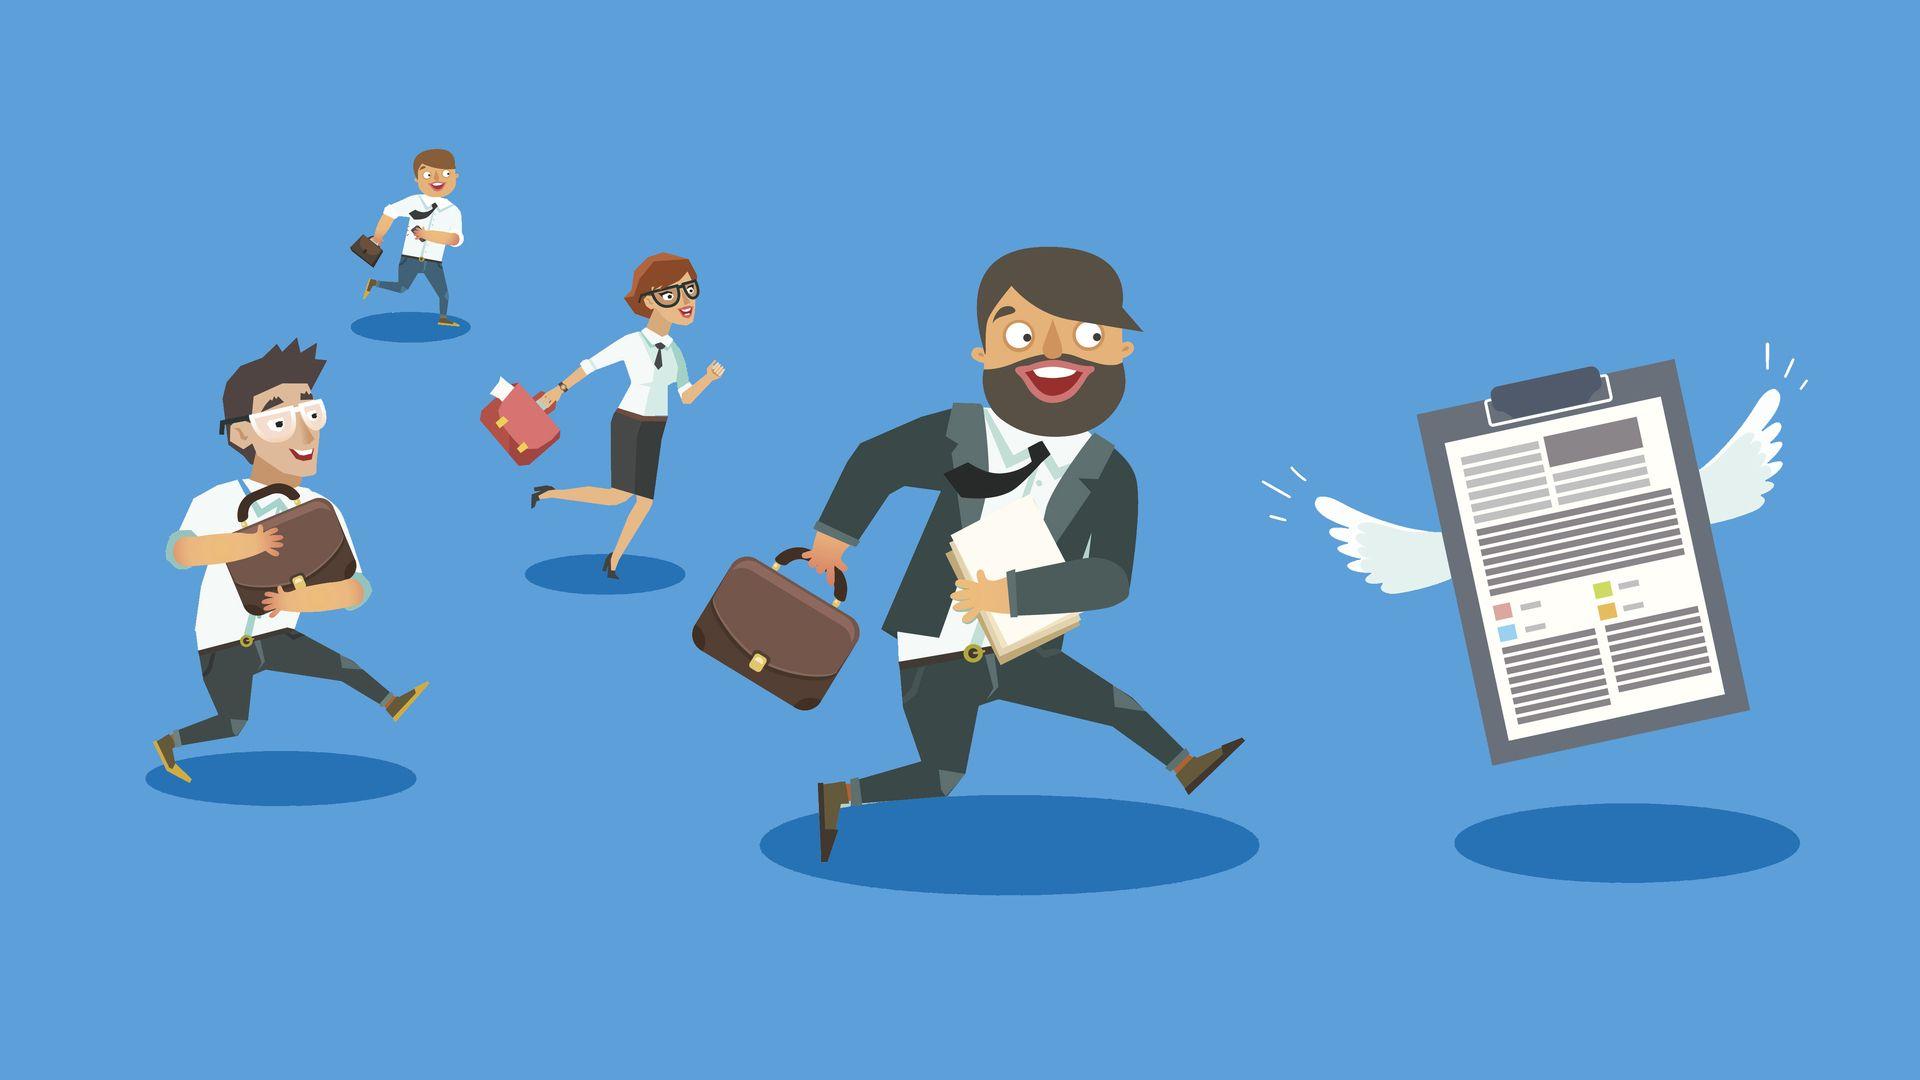 Hiệu quả làm việc thấp: Lỗi tại nhân viên hay công cụ quản lý?